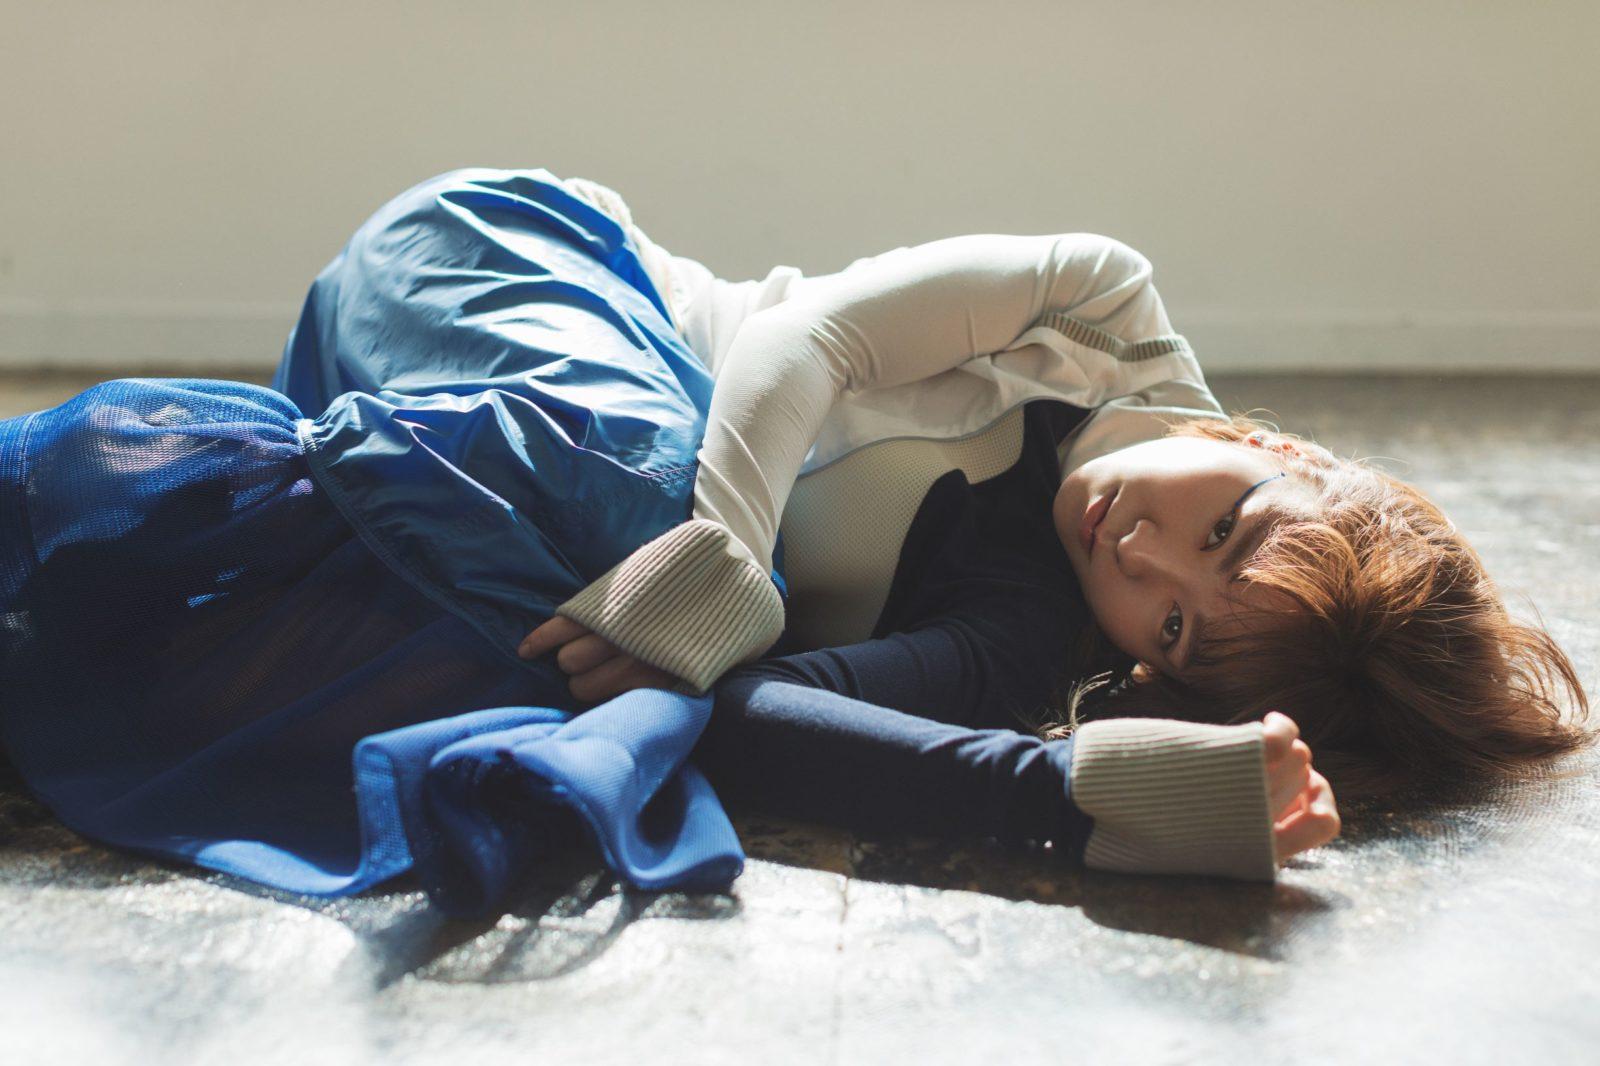 みるきーうぇい、3rd mini AL「僕らの感情崩壊音」2020年9月30日リリース決定サムネイル画像